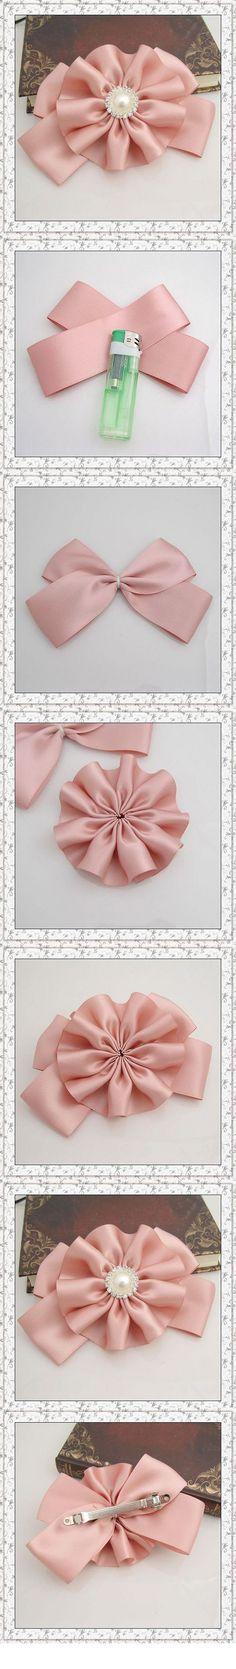 bow handmad, craft idea, hair style, bows, hair bow